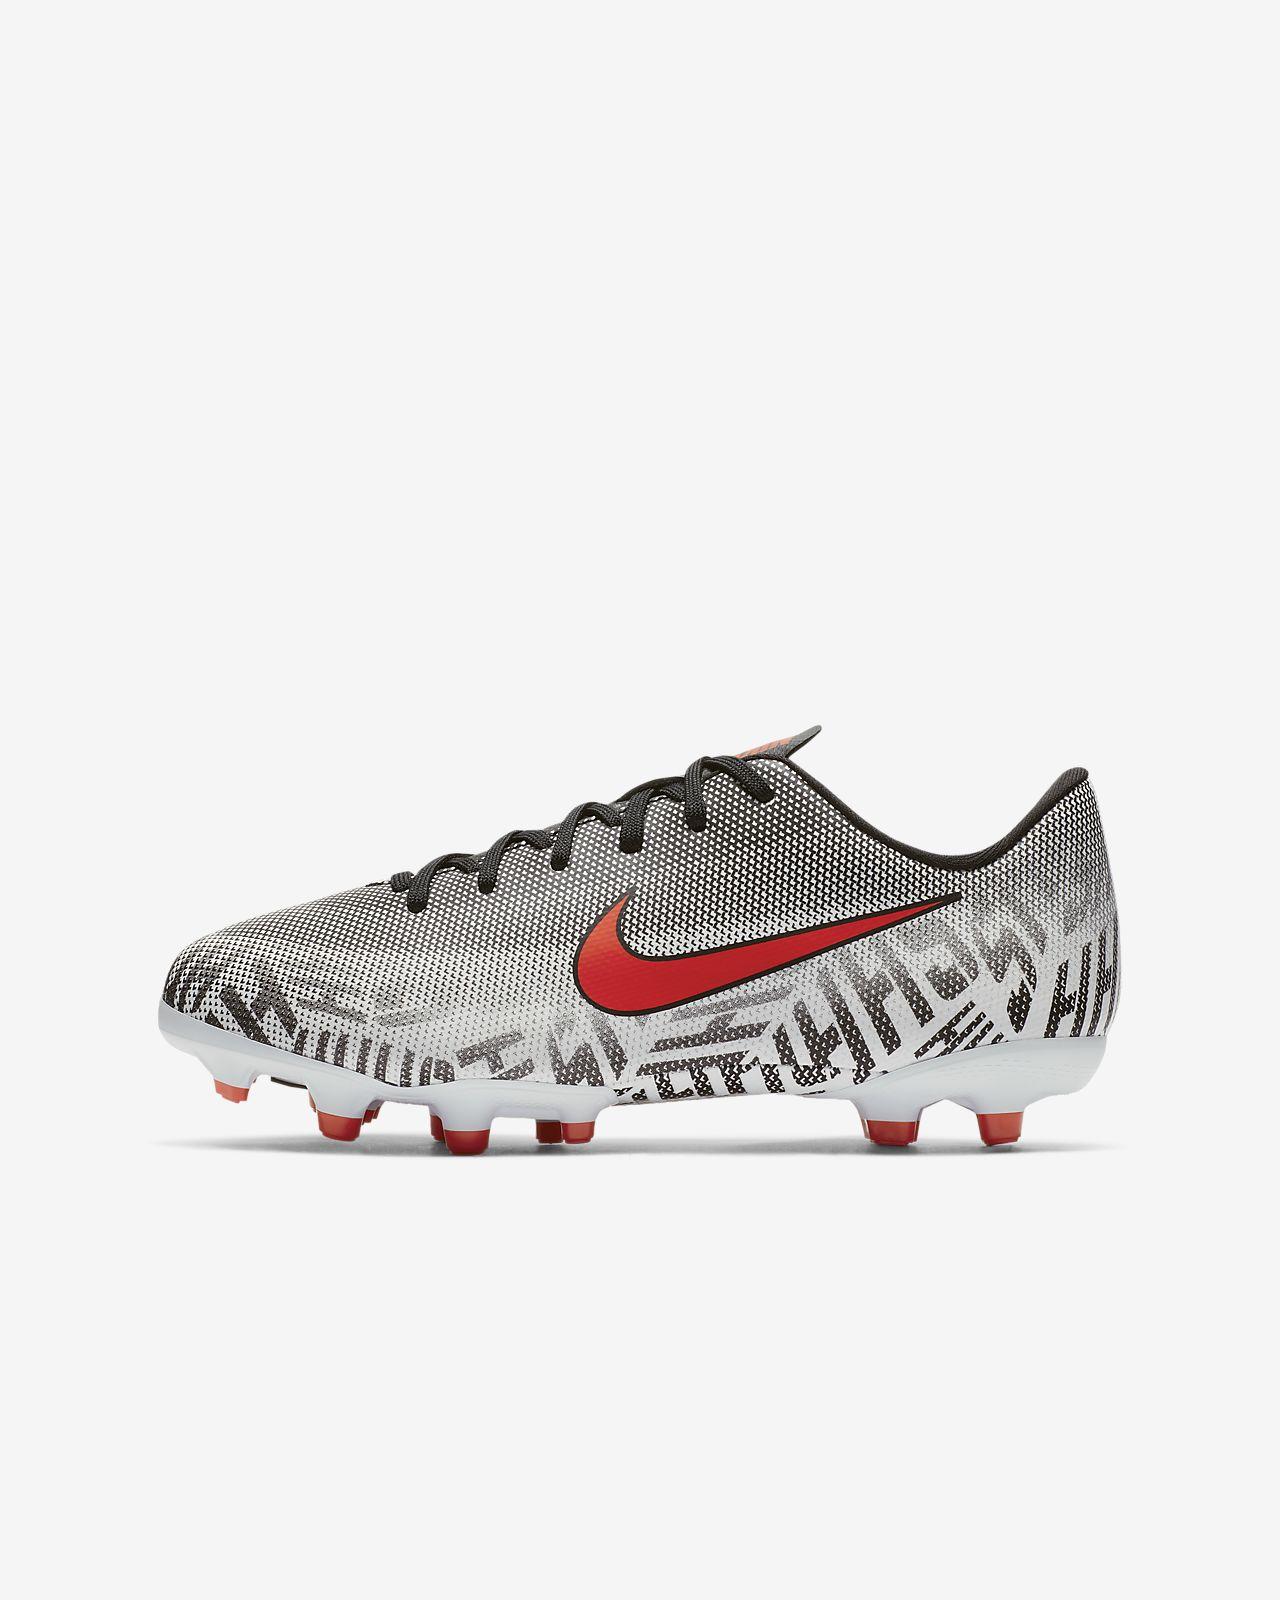 86ff870e ... Футбольные бутсы для игры на разных покрытиях для  дошкольников/школьников Nike Jr. Mercurial Vapor